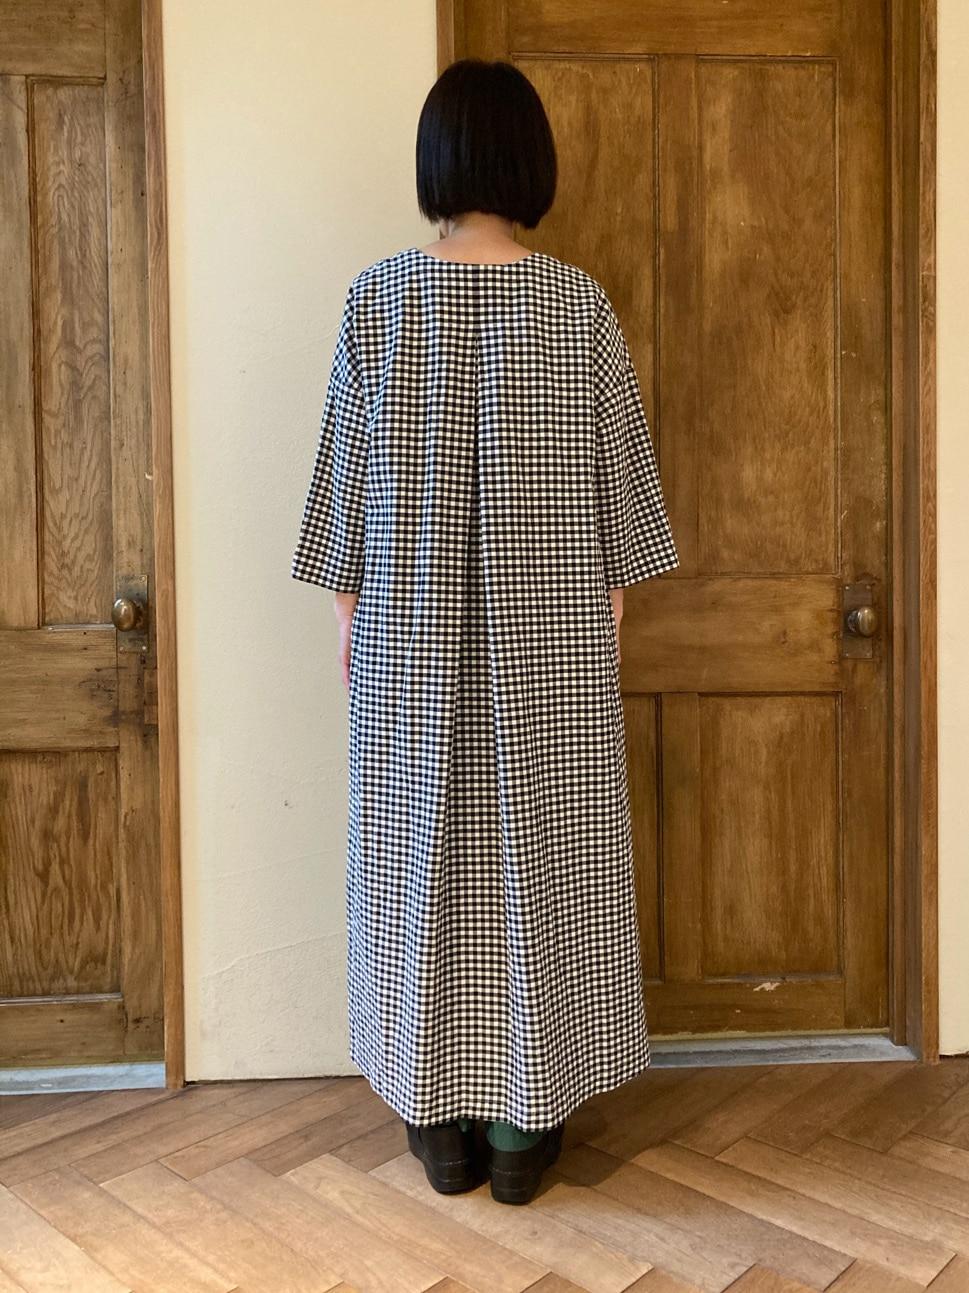 yuni 京都路面 身長:152cm 2021.05.14